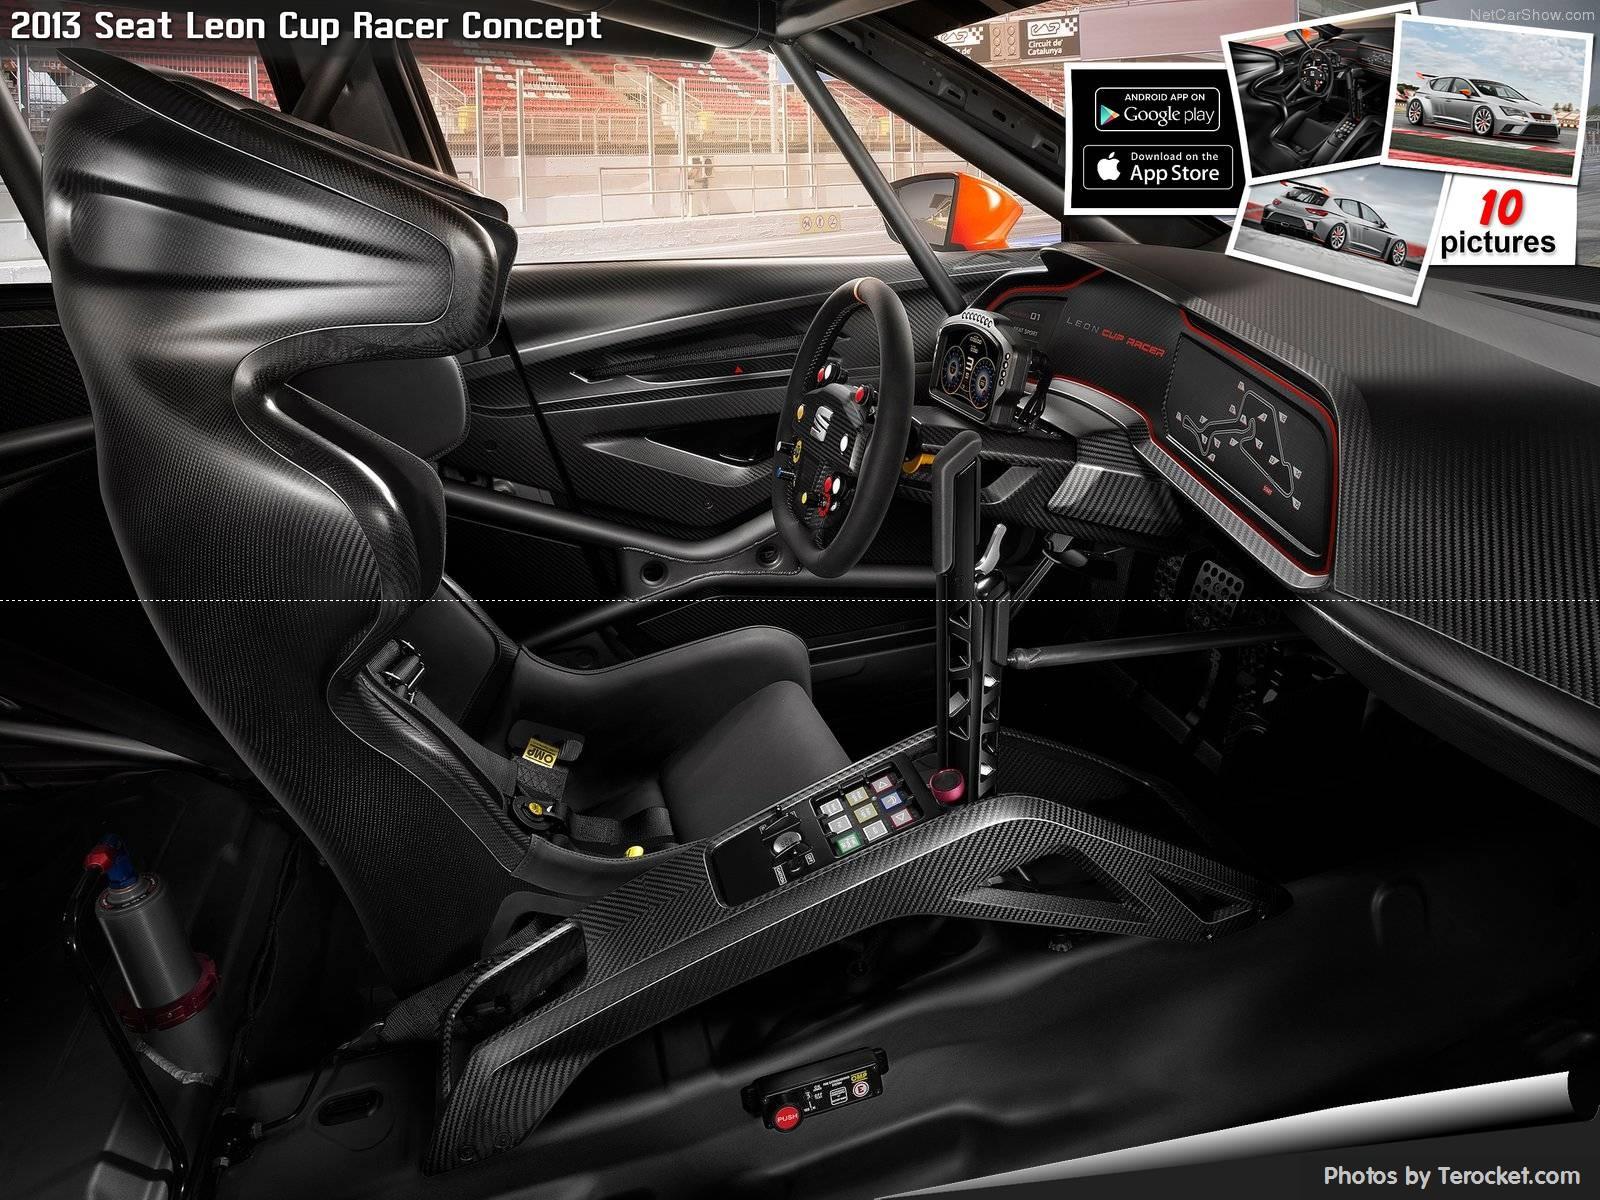 Hình ảnh xe ô tô Seat Leon Cup Racer Concept 2013 & nội ngoại thất